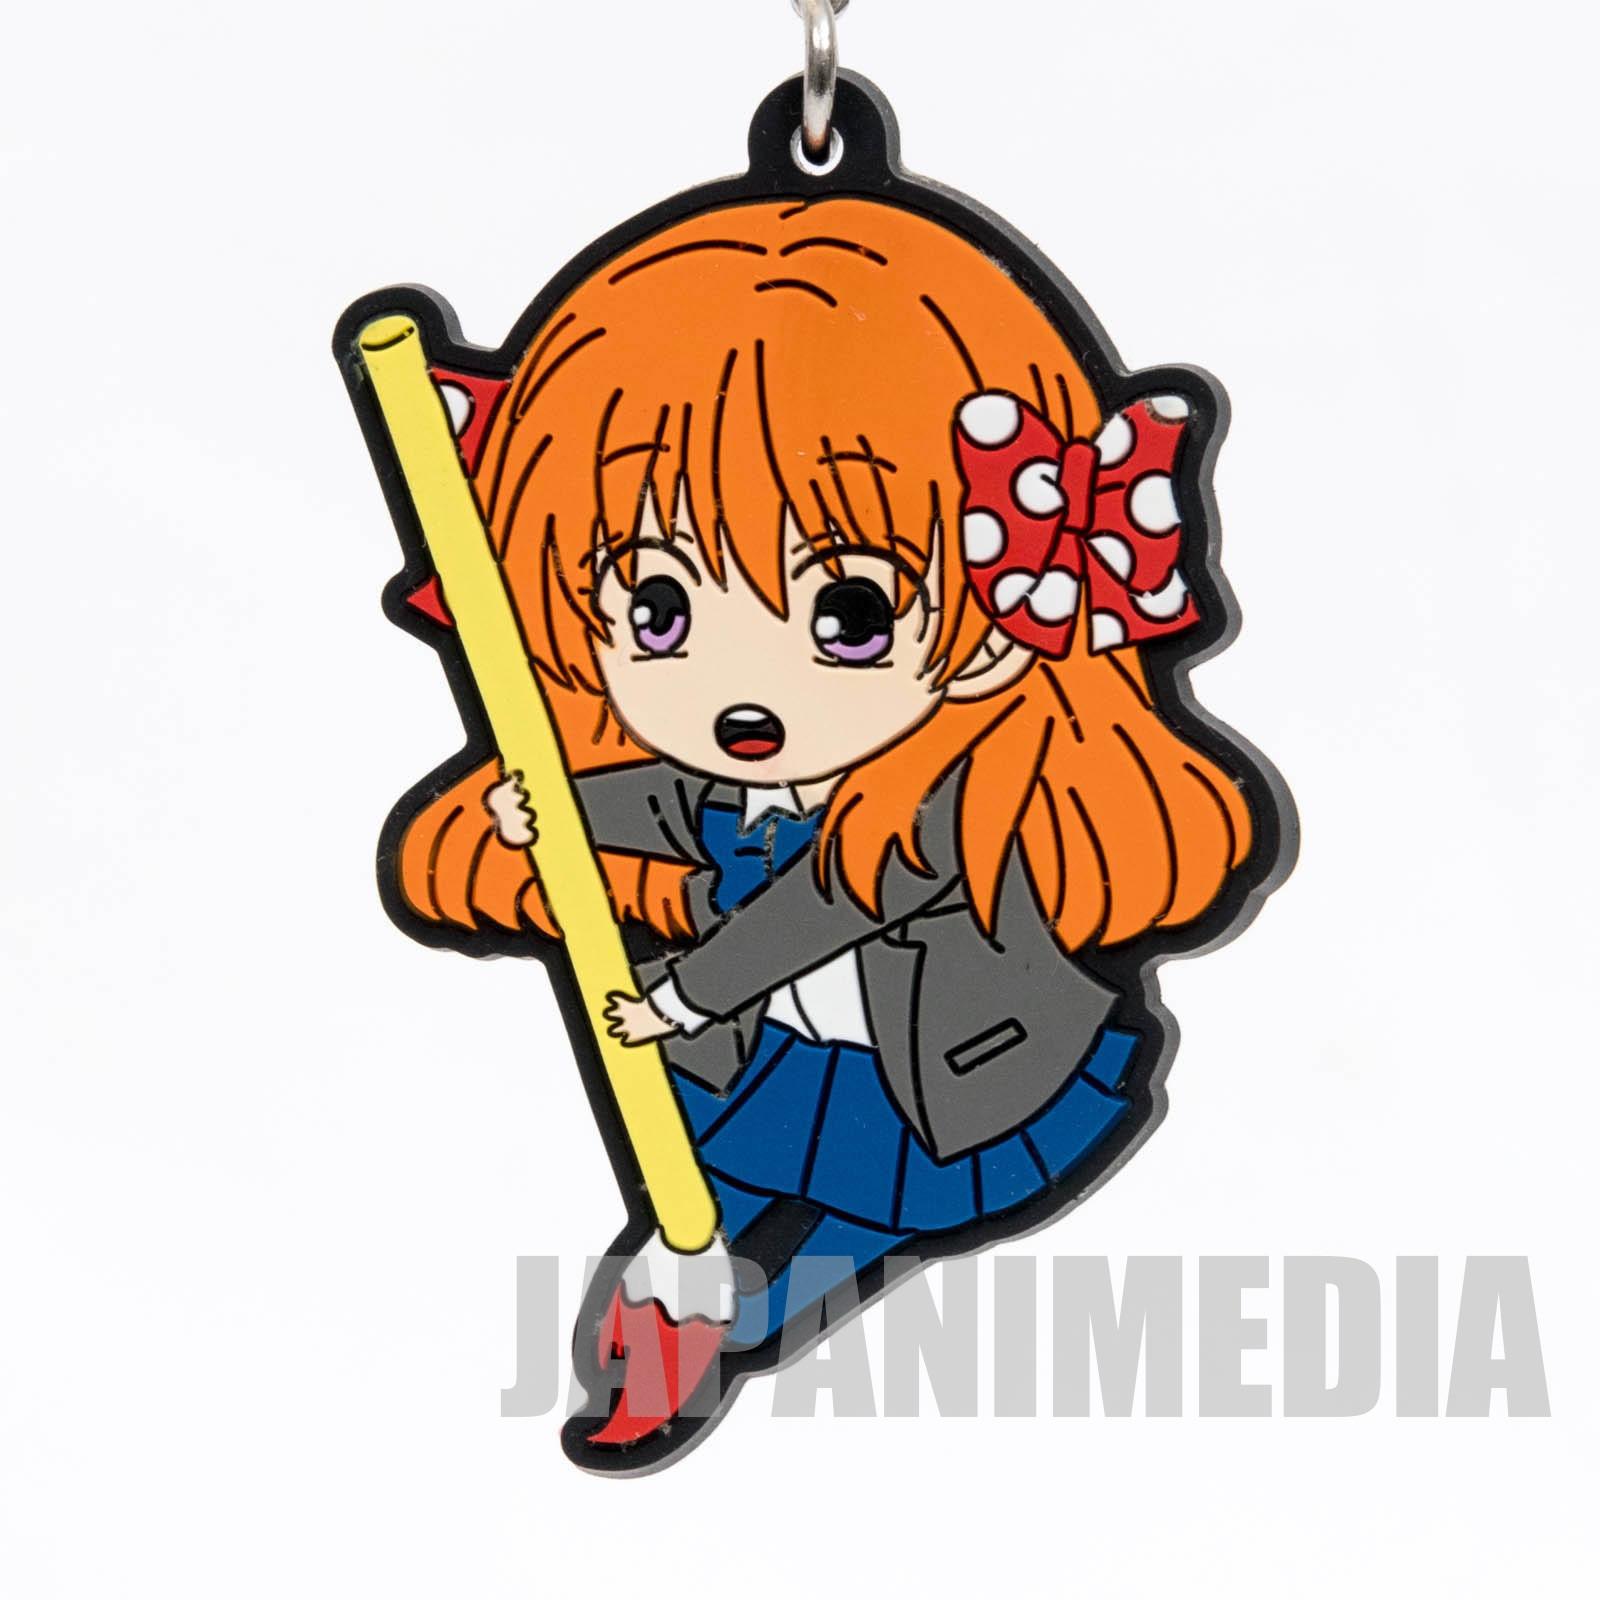 Monthly Girls' Nozaki-Kun Chiyo Sakura Rubber strap collection JAPAN ANIME MANGA